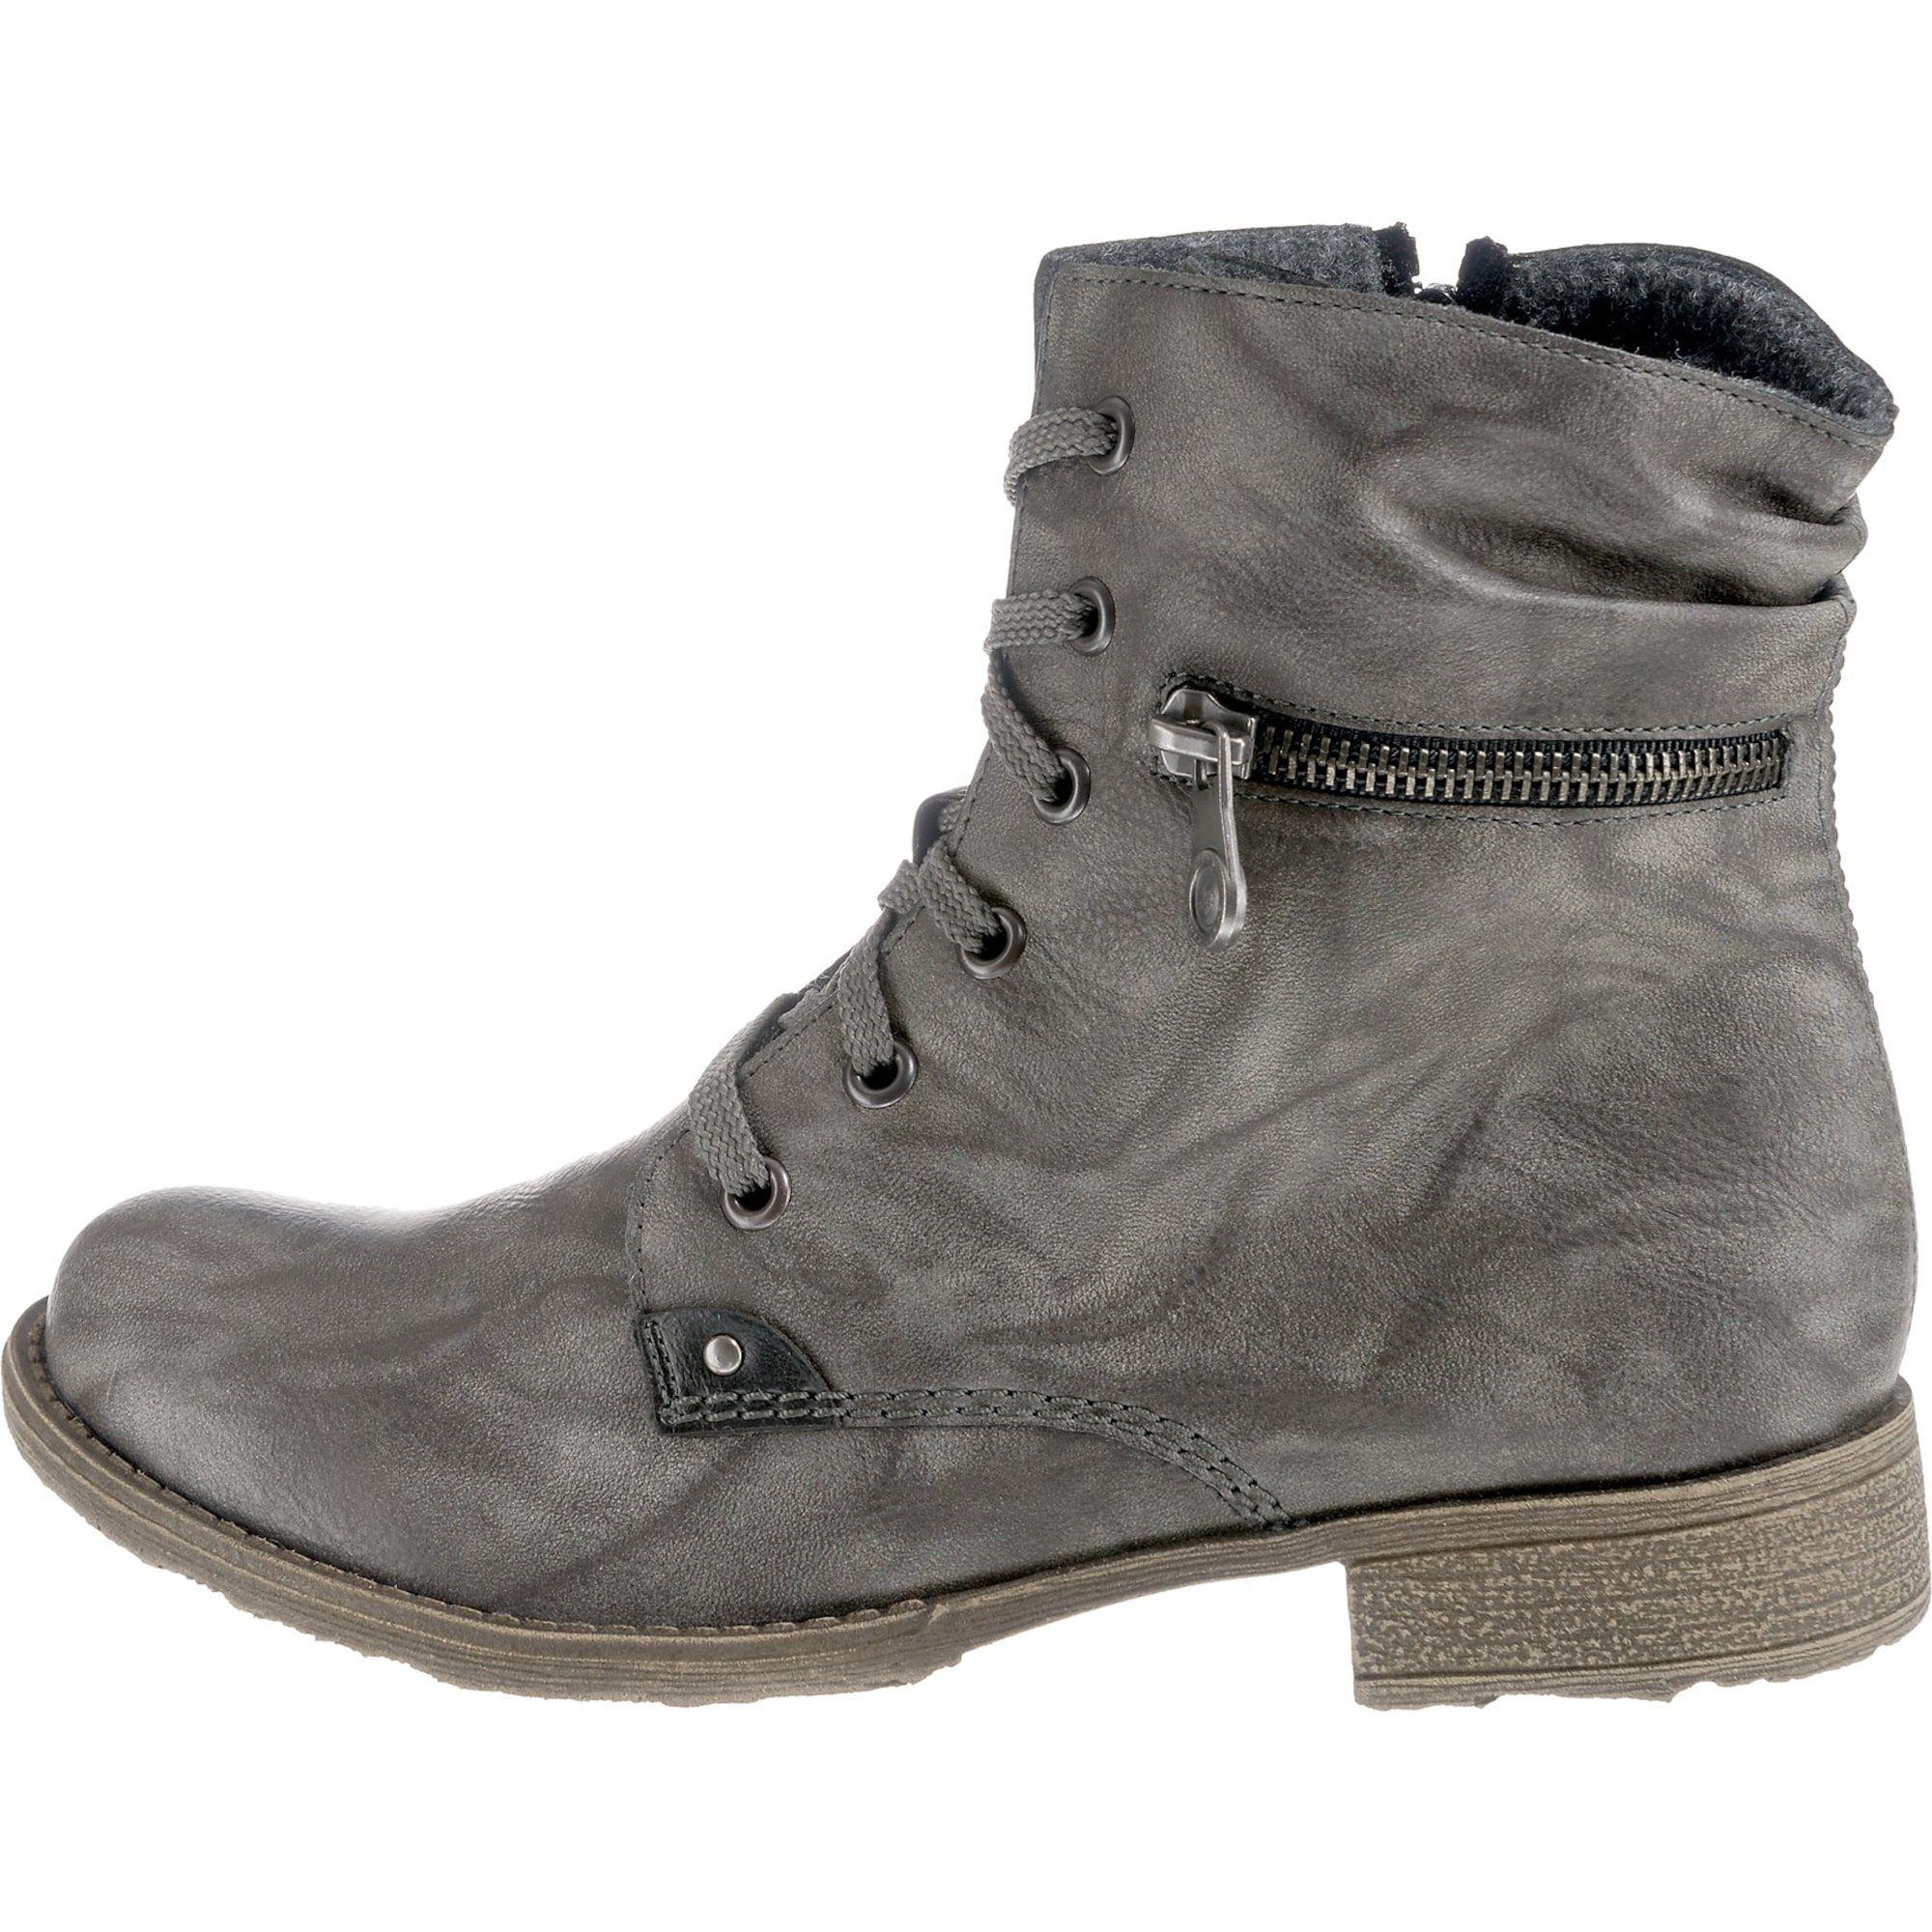 RIEKER SANDY Stiefelette Stiefel Boots Cognac Braun Futter